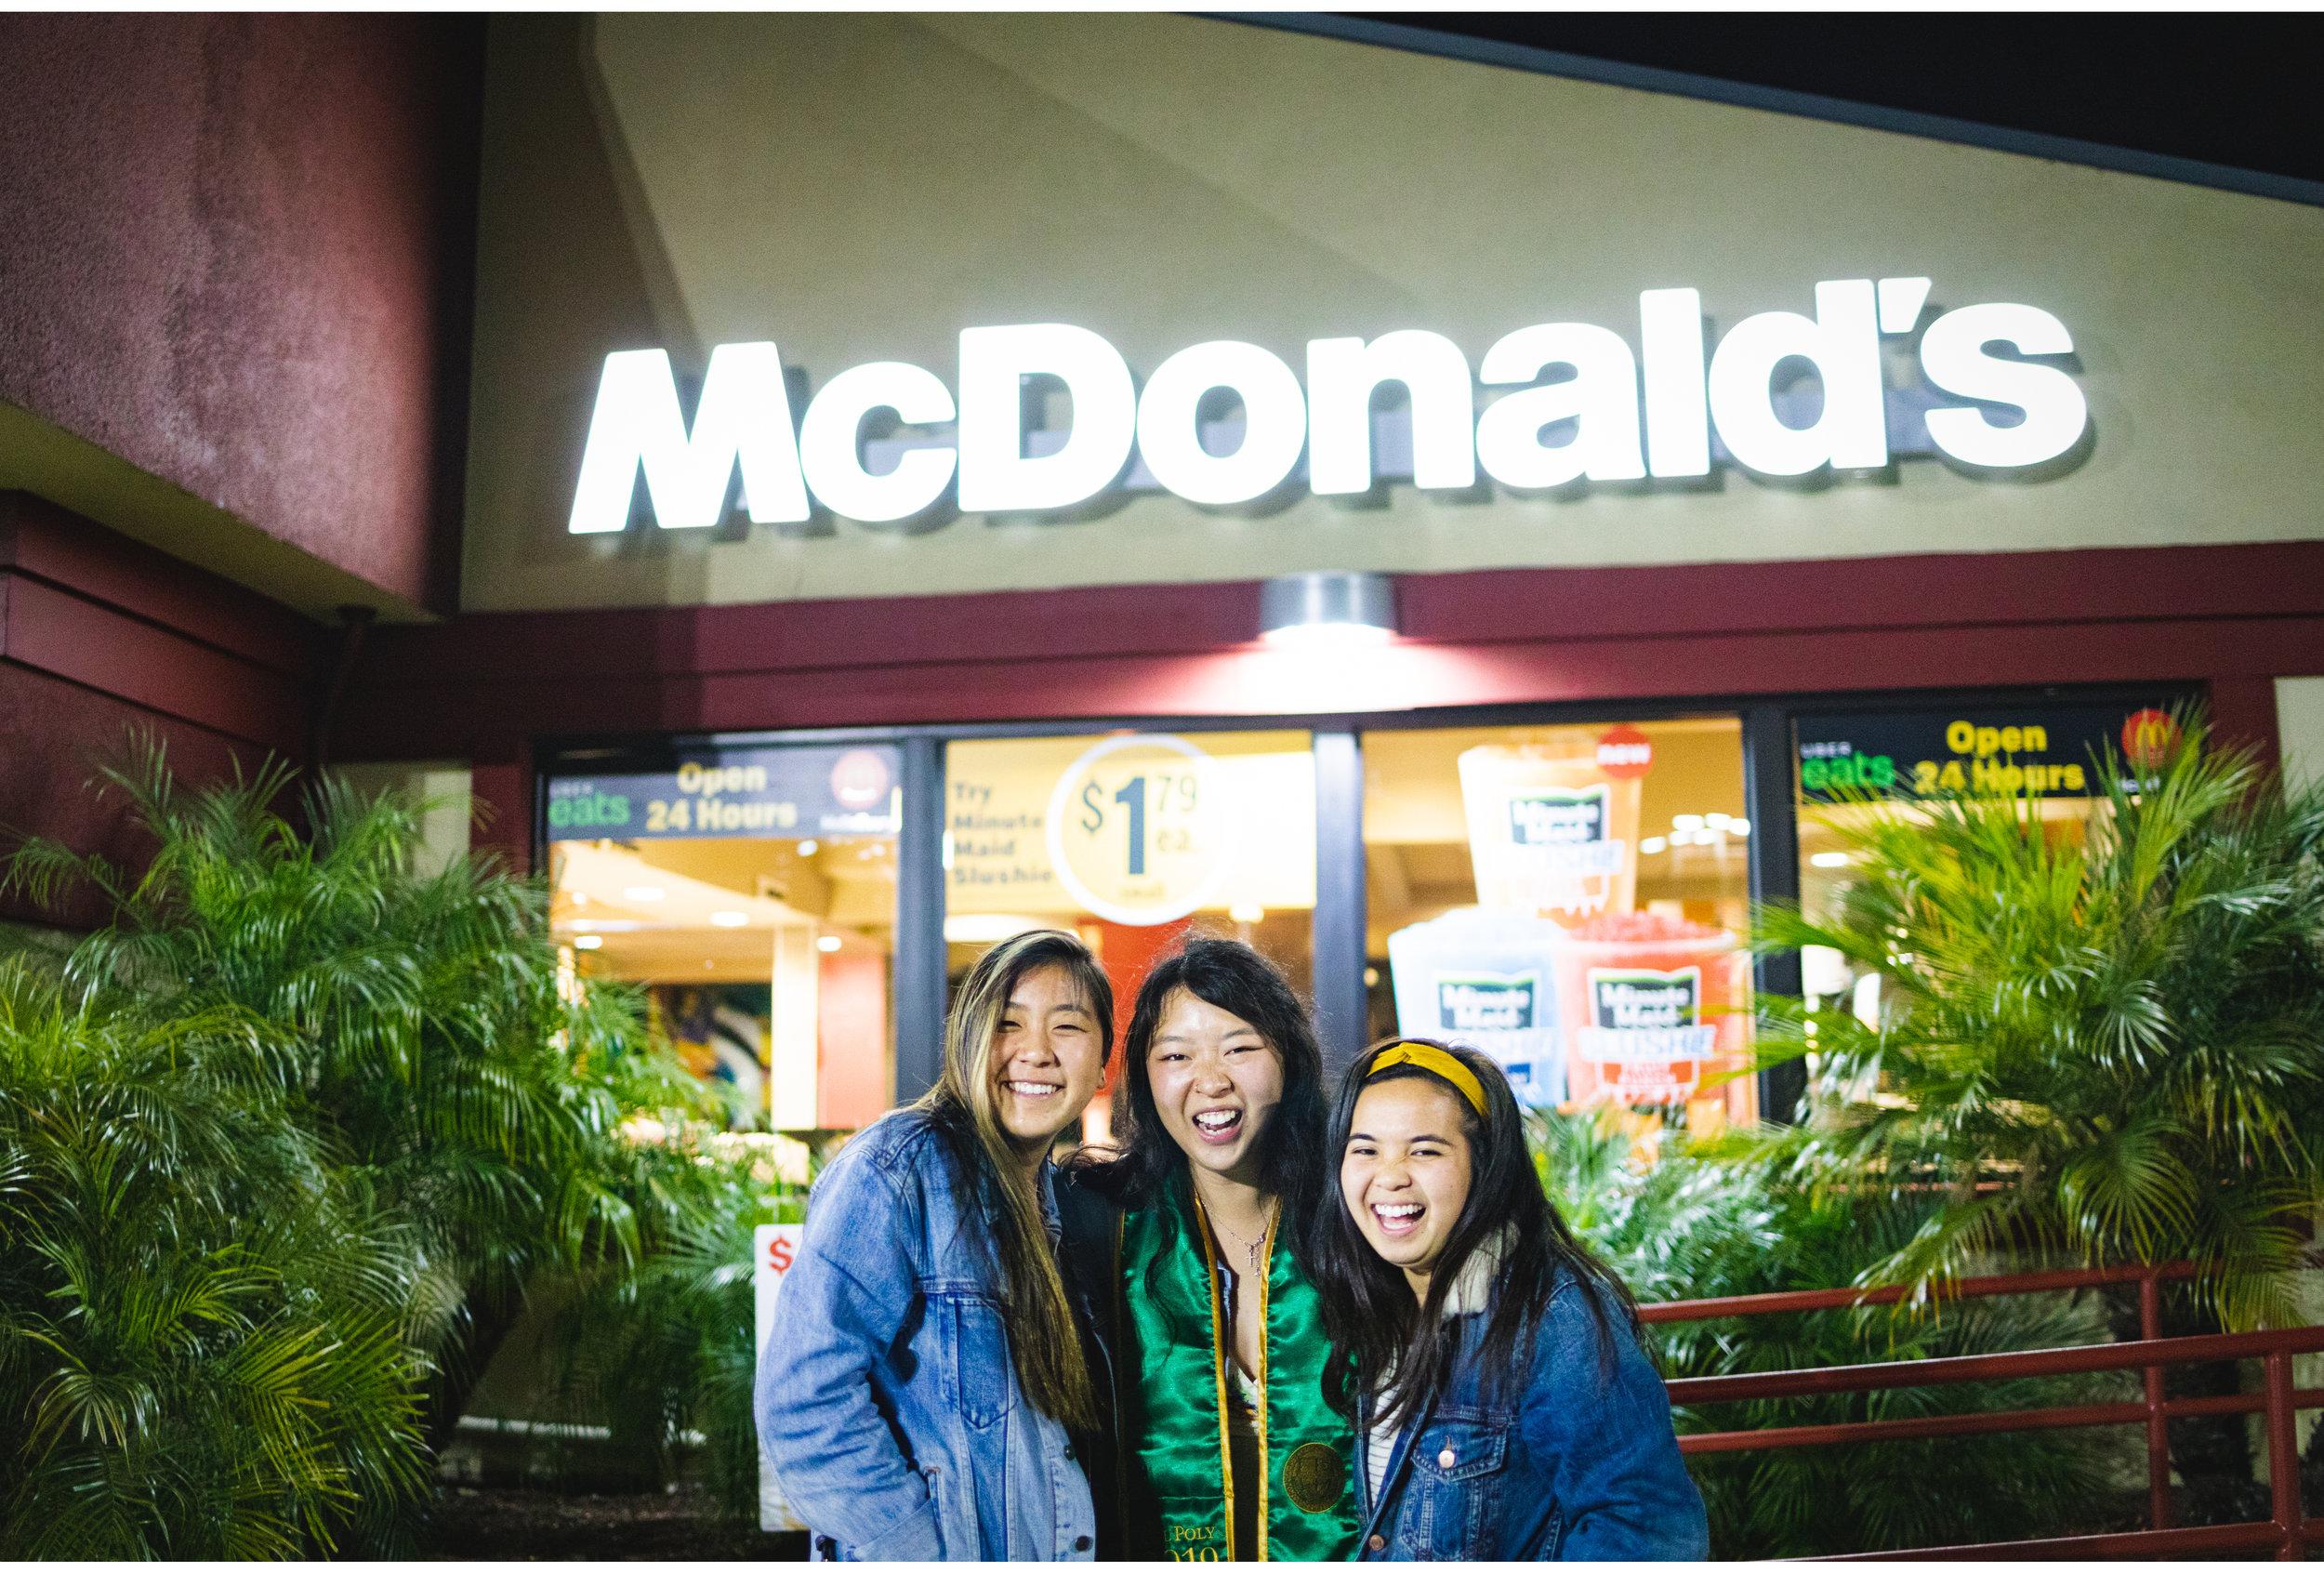 Mcdonald's Cal Poly.jpg